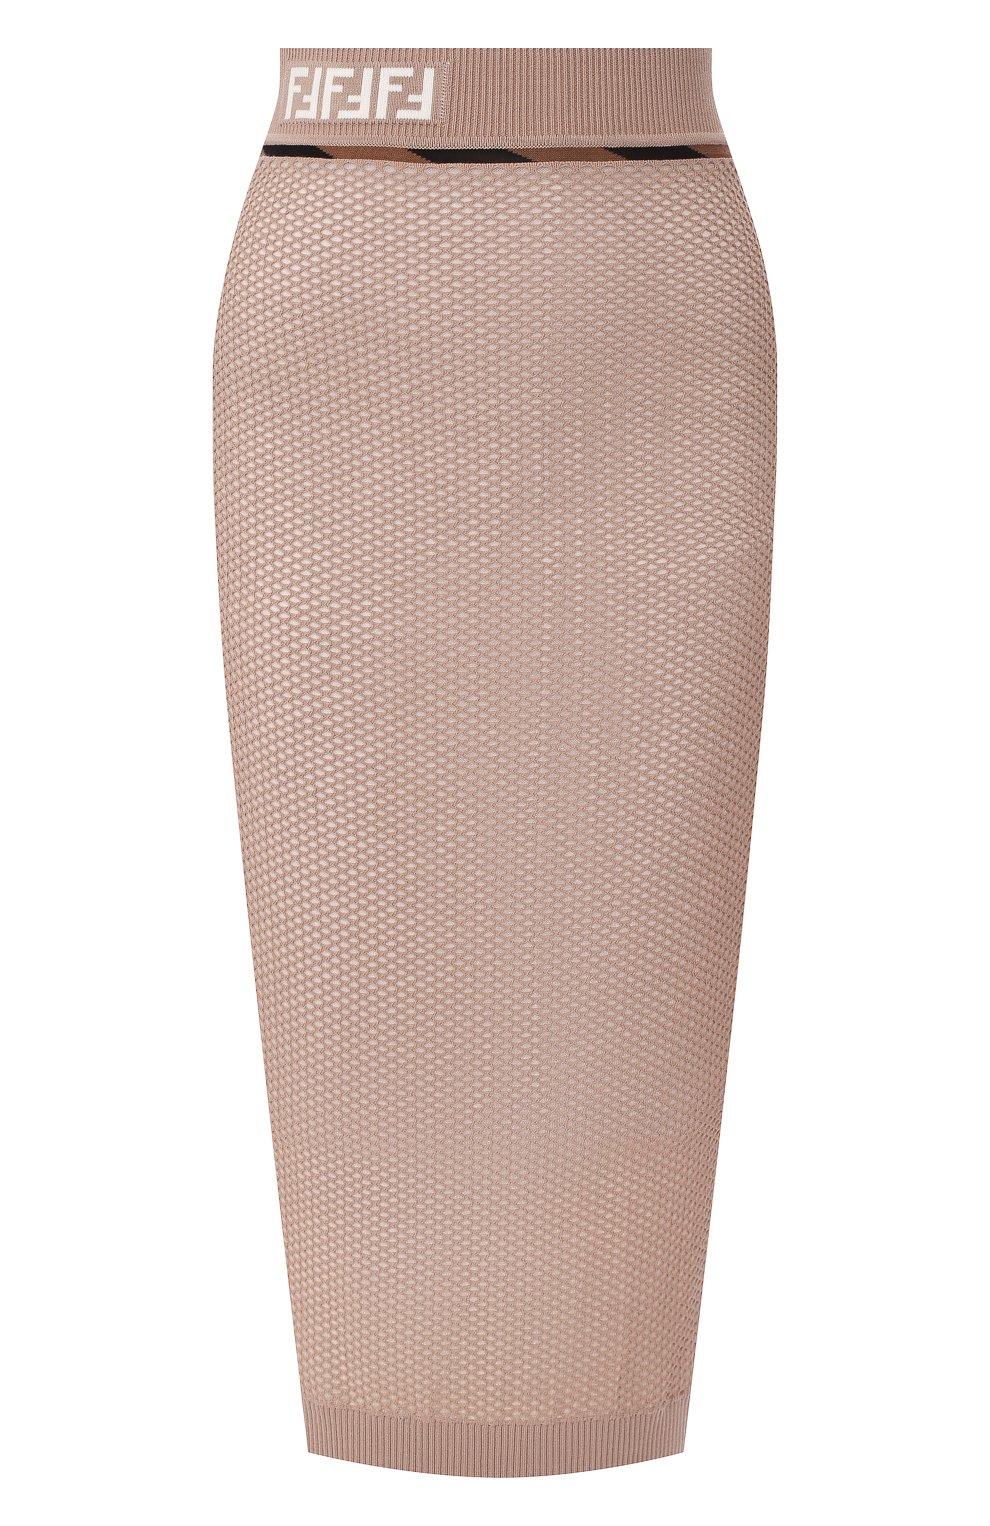 Женская юбка FENDI бежевого цвета, арт. FZQ599 AAVH   Фото 1